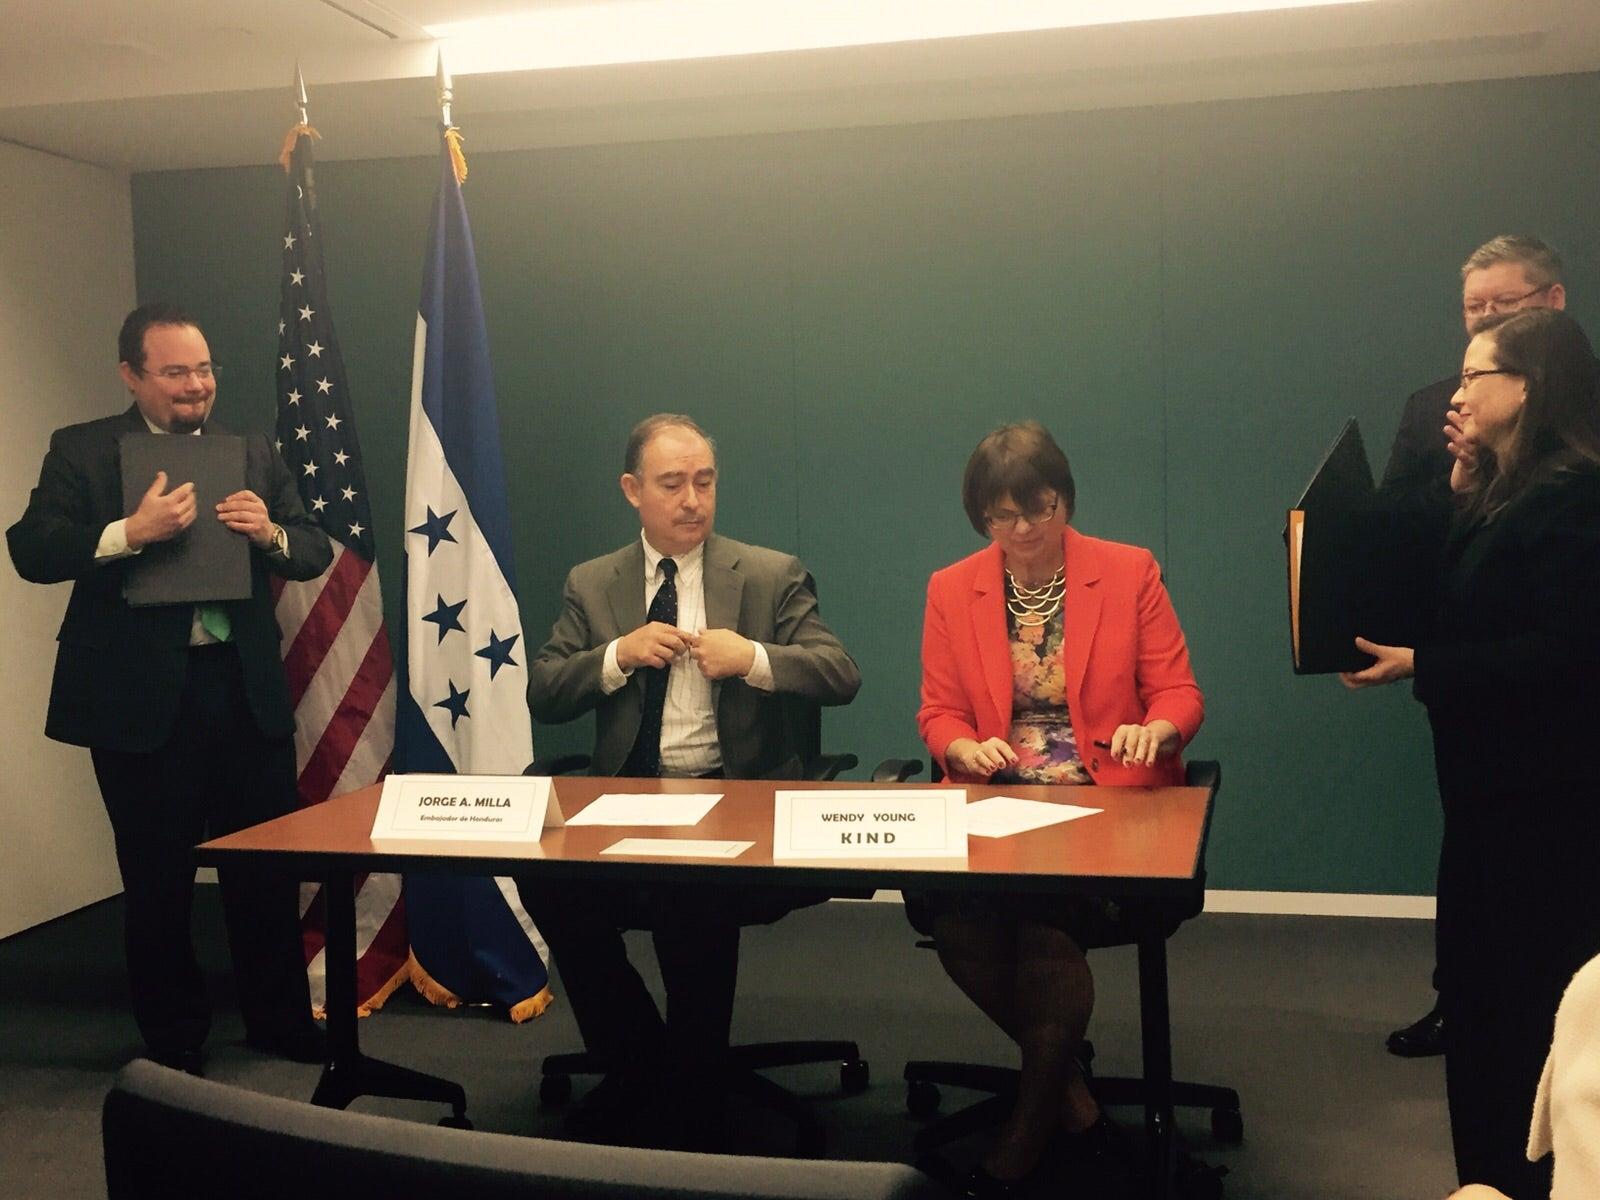 Embajada de Honduras en EEUU y Organización KIND firman convenio sobre programa de reinserción social